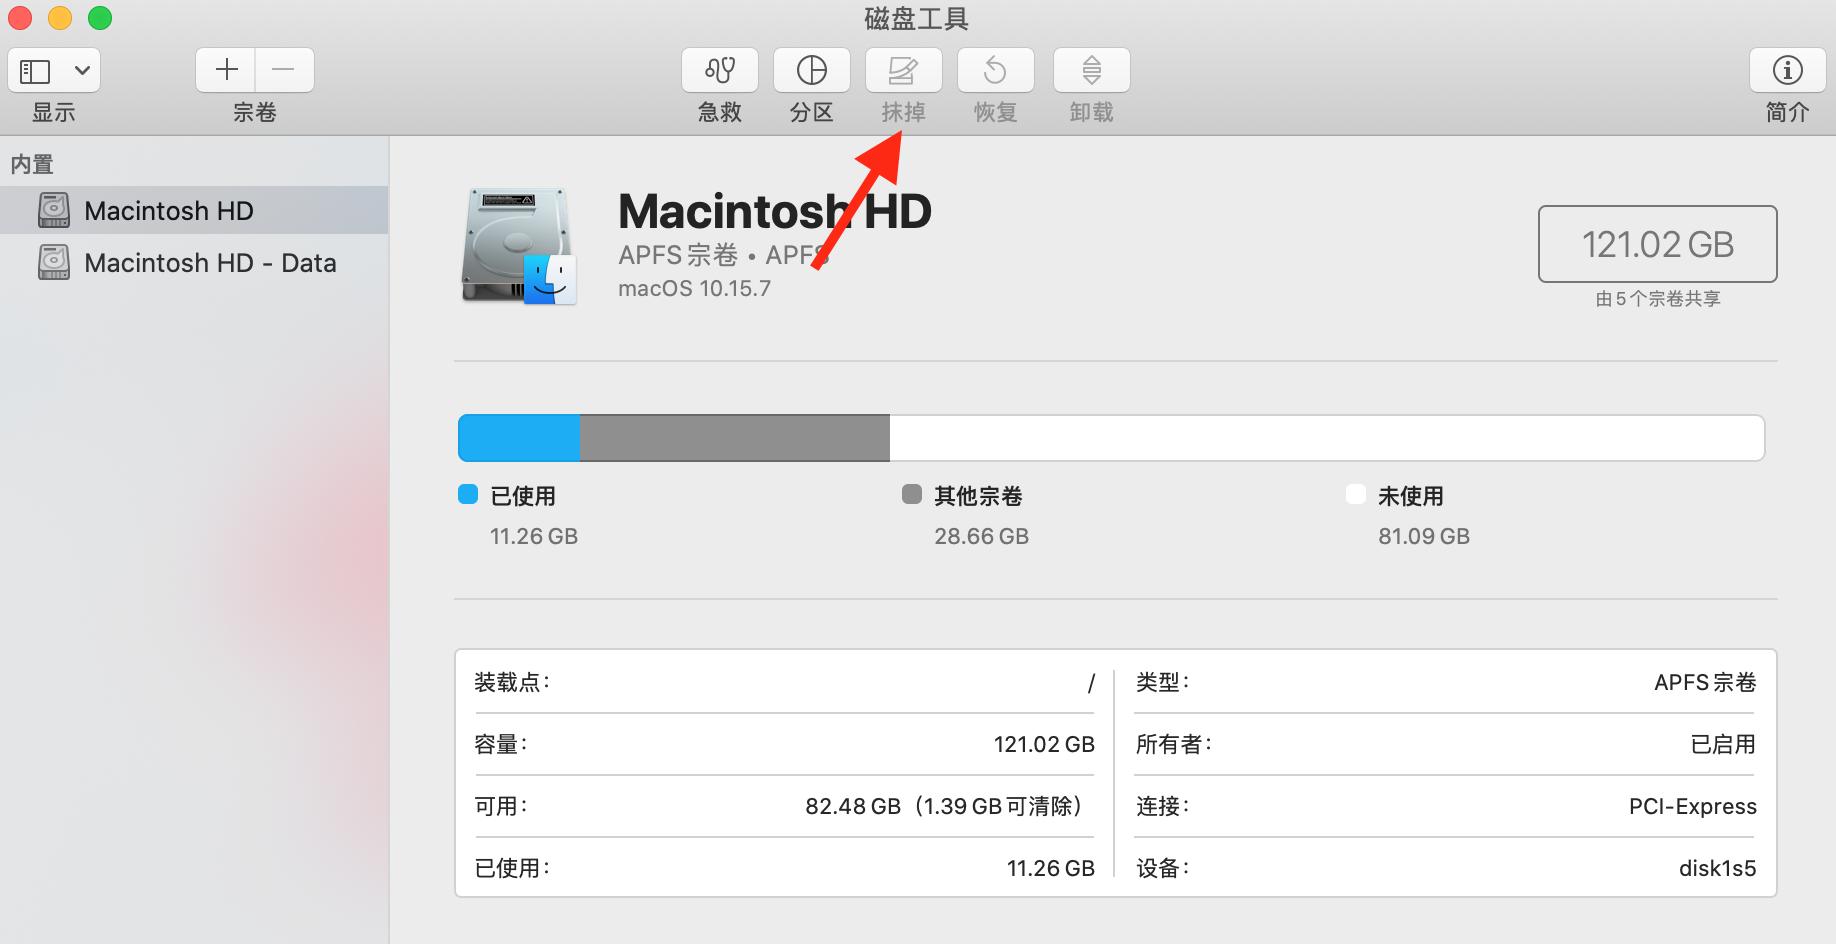 启动擦除以在Mac上格式化USB